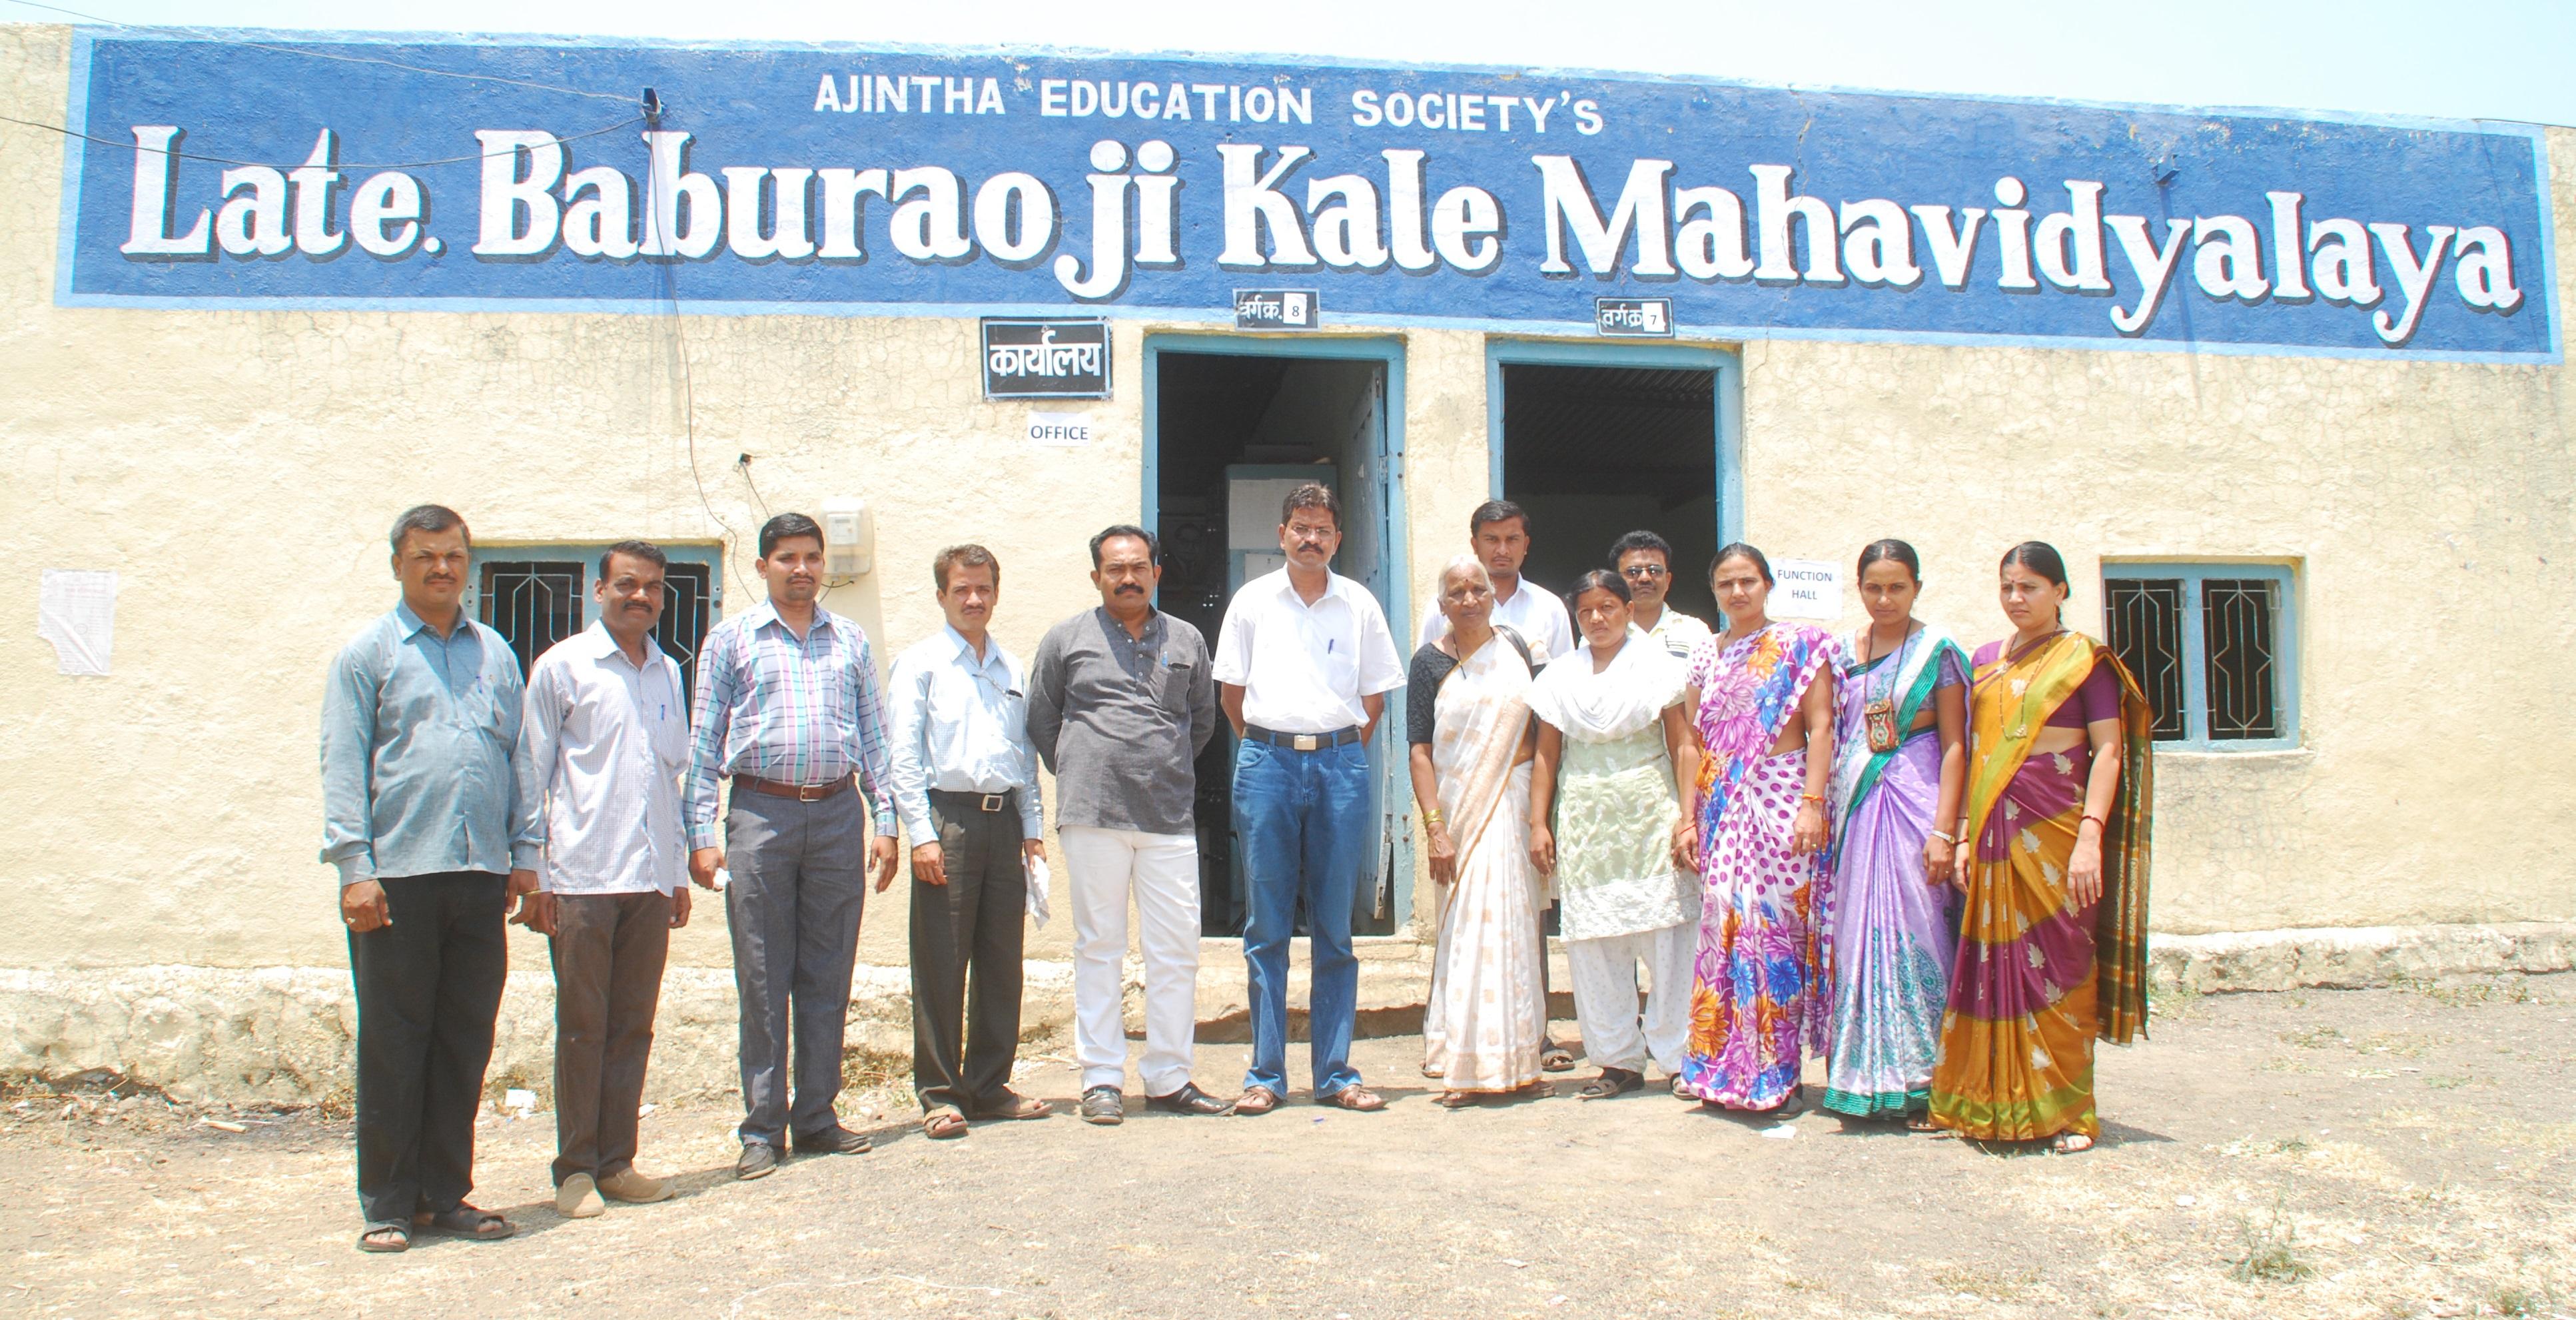 Baburaoji Kale Arts College, Ajintha